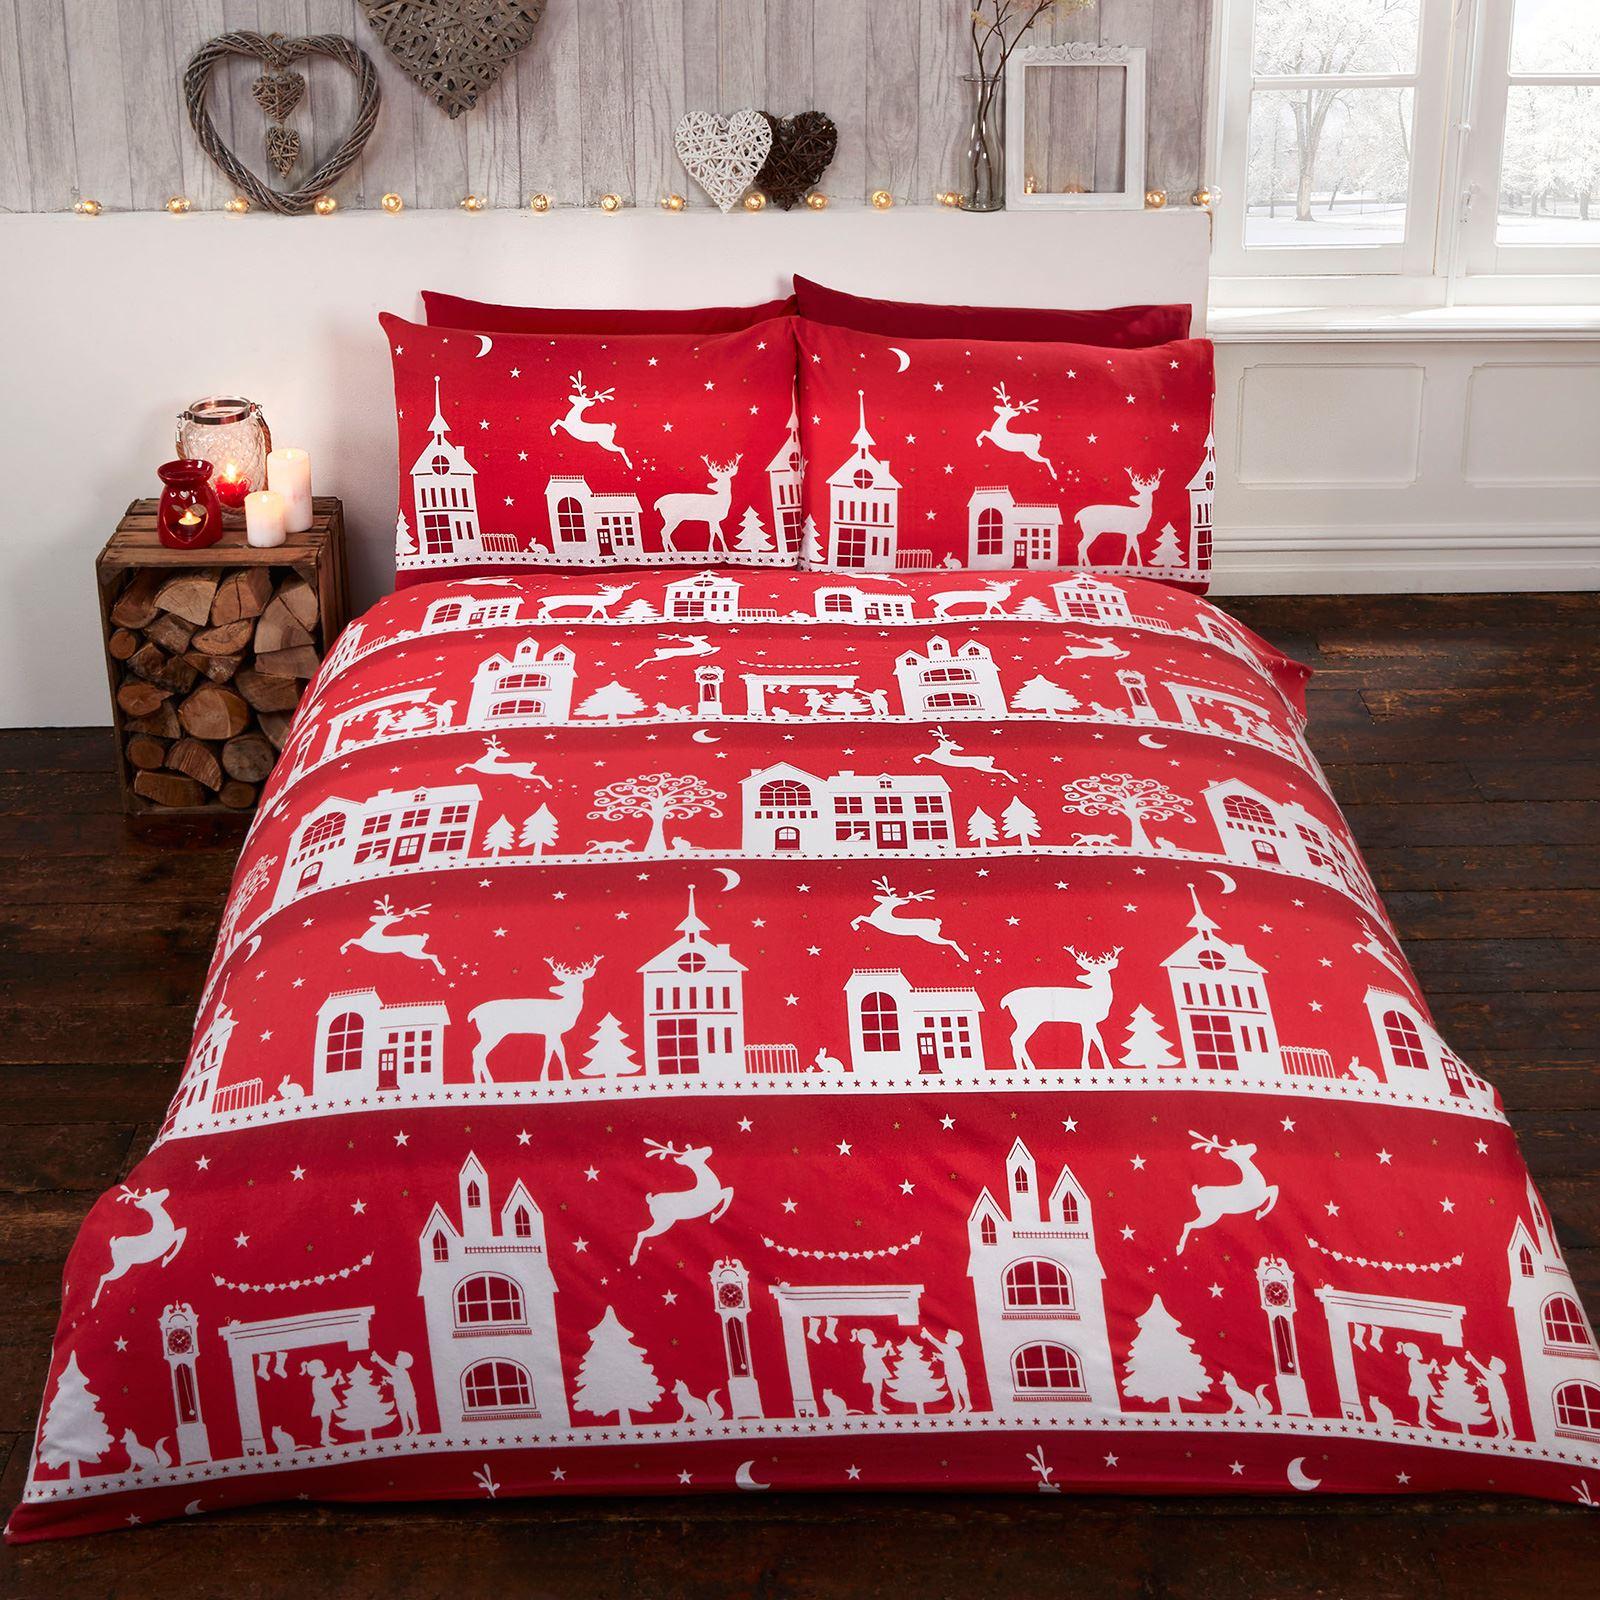 no l housse de couette ensembles 100 coton bross flannelle enfants adultes ebay. Black Bedroom Furniture Sets. Home Design Ideas